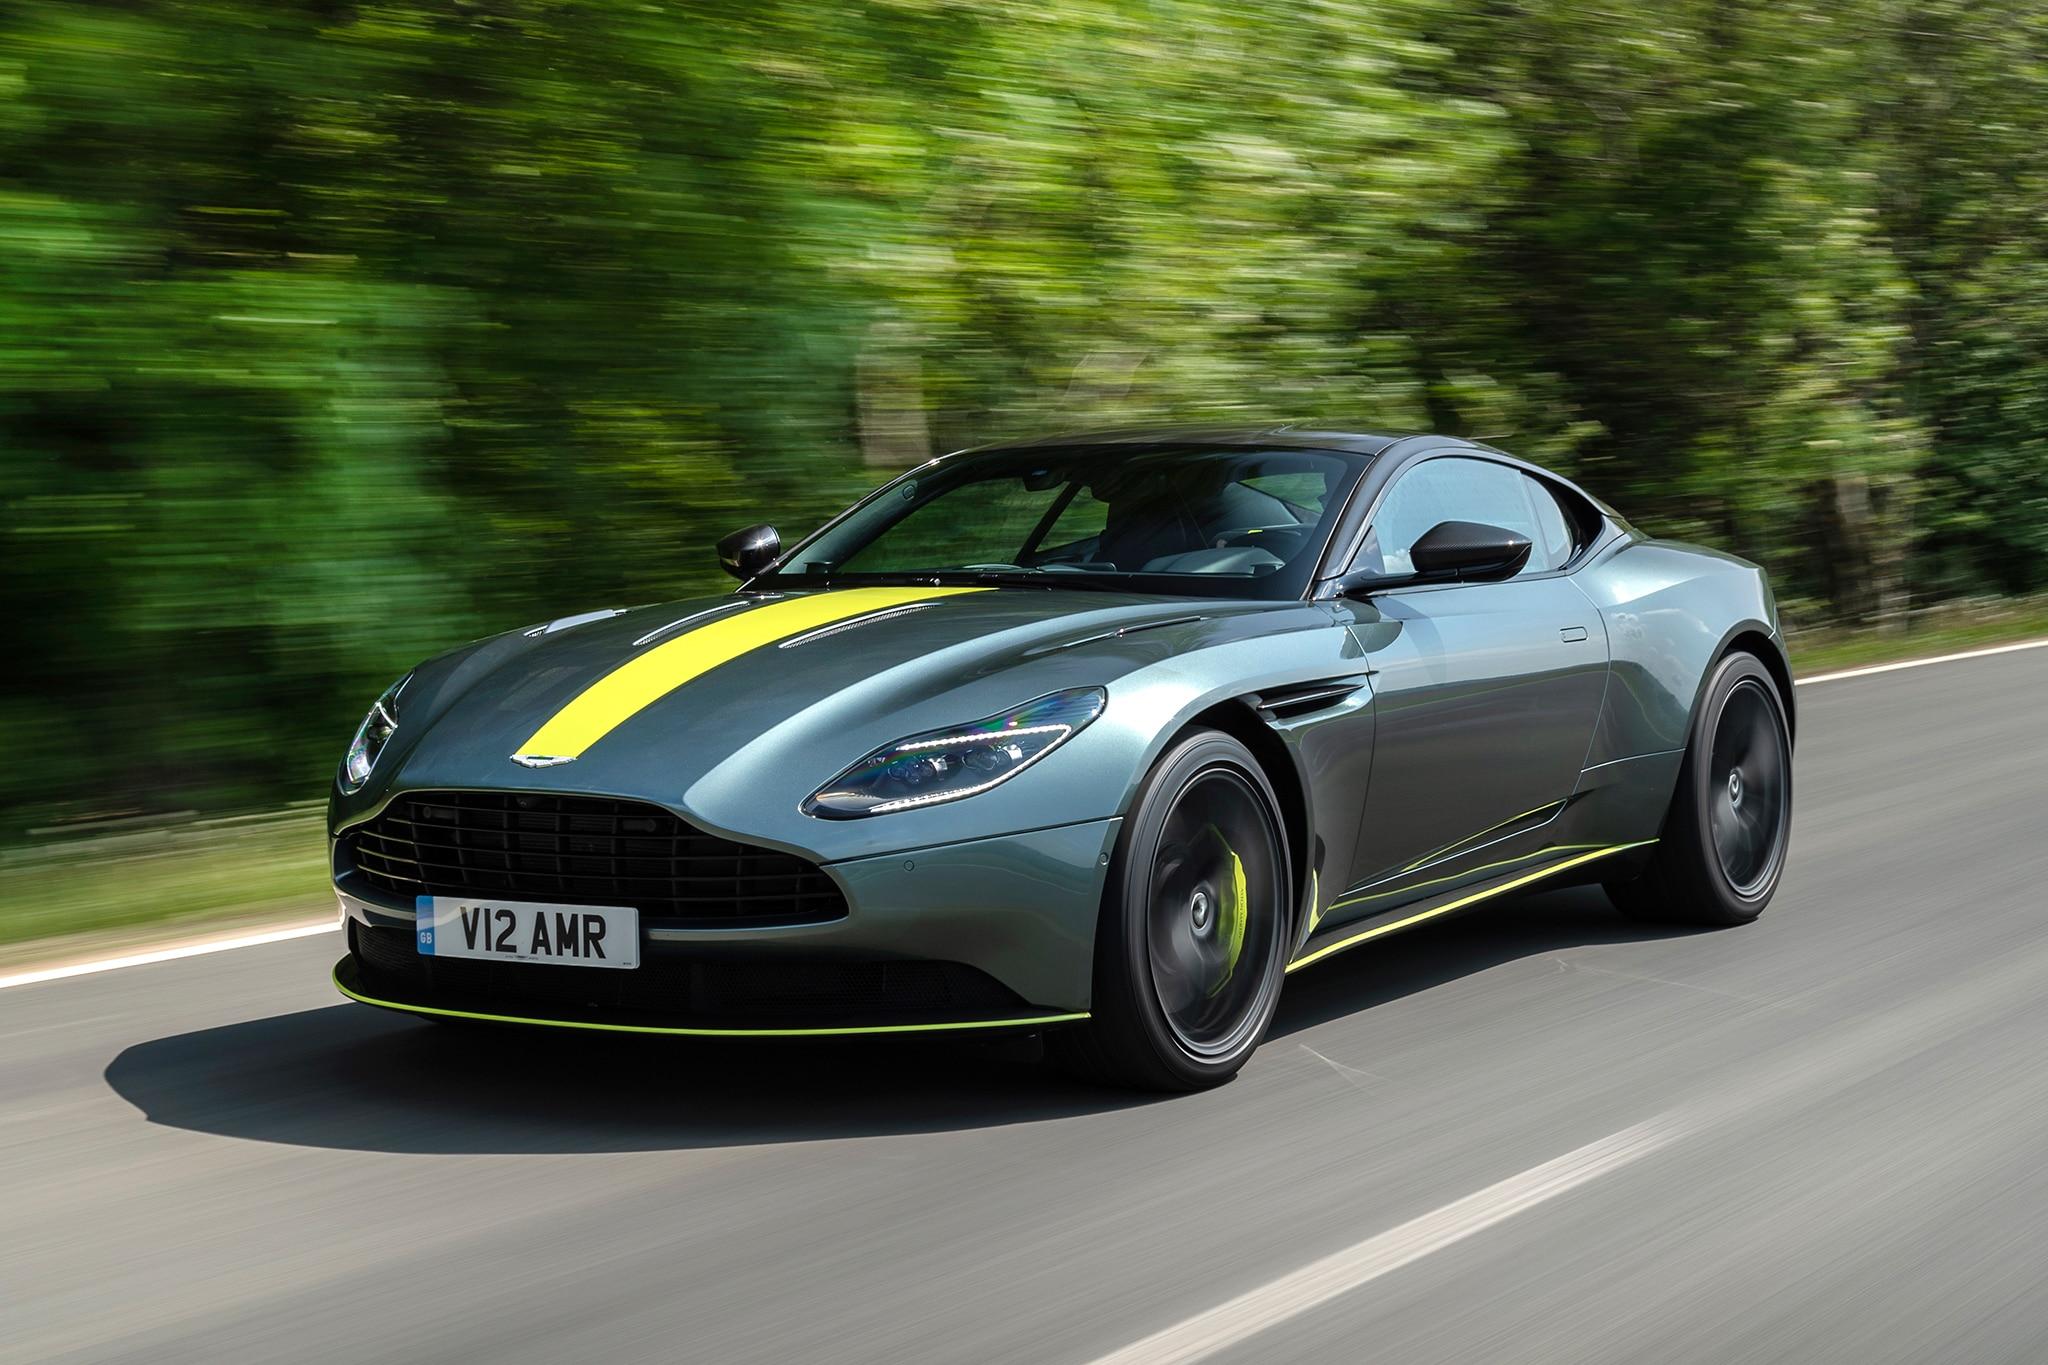 2019 New And Future Cars Aston Martin Automobile Magazine